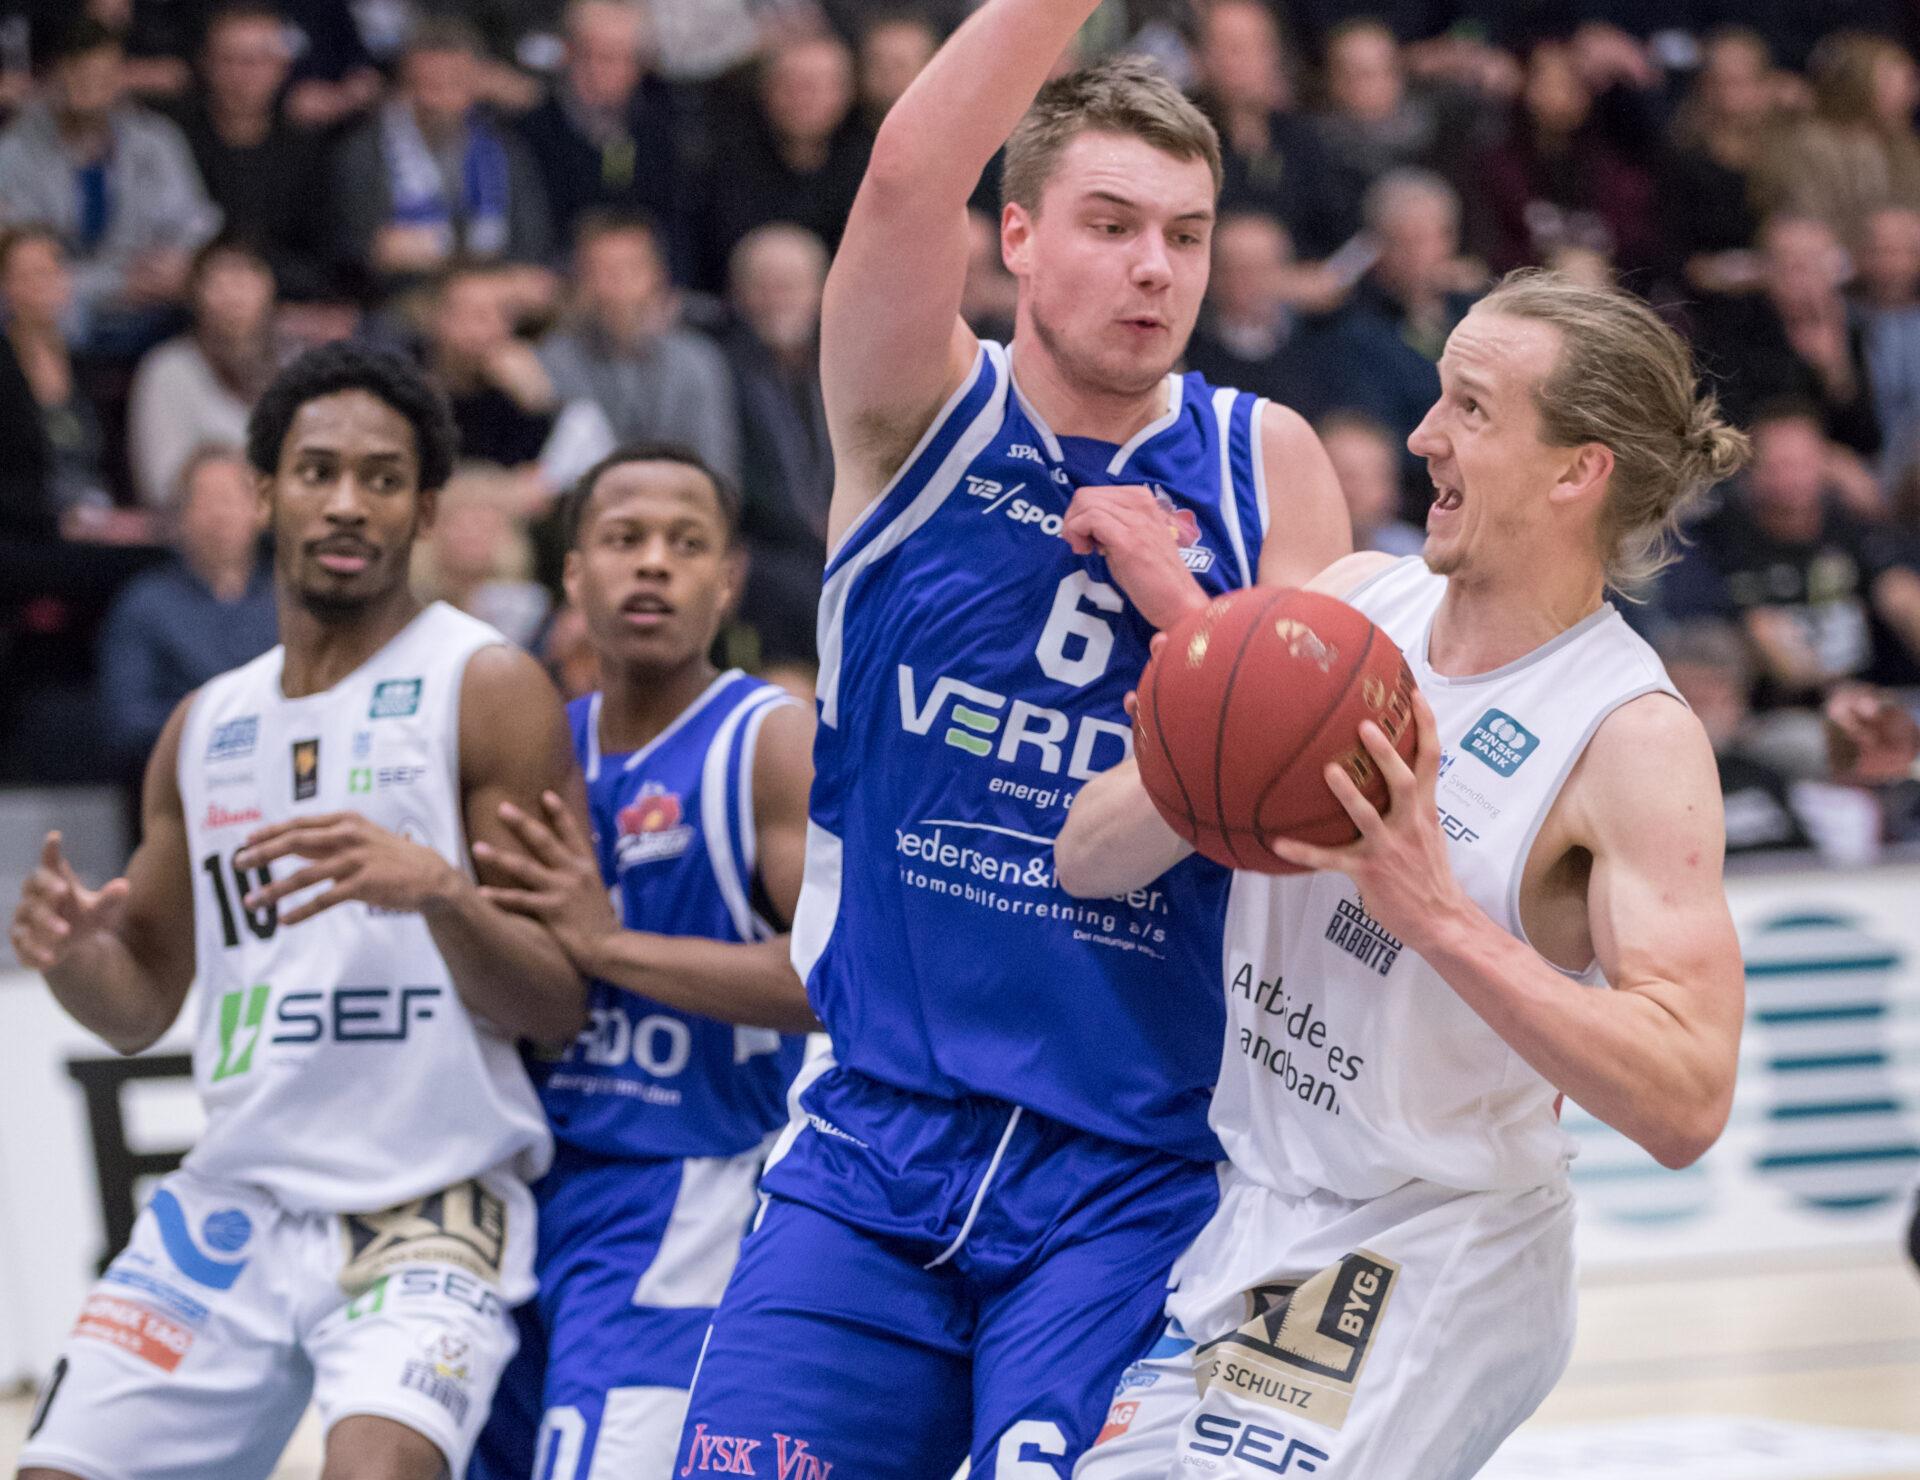 Svendborgs kaptajn stopper karrieren